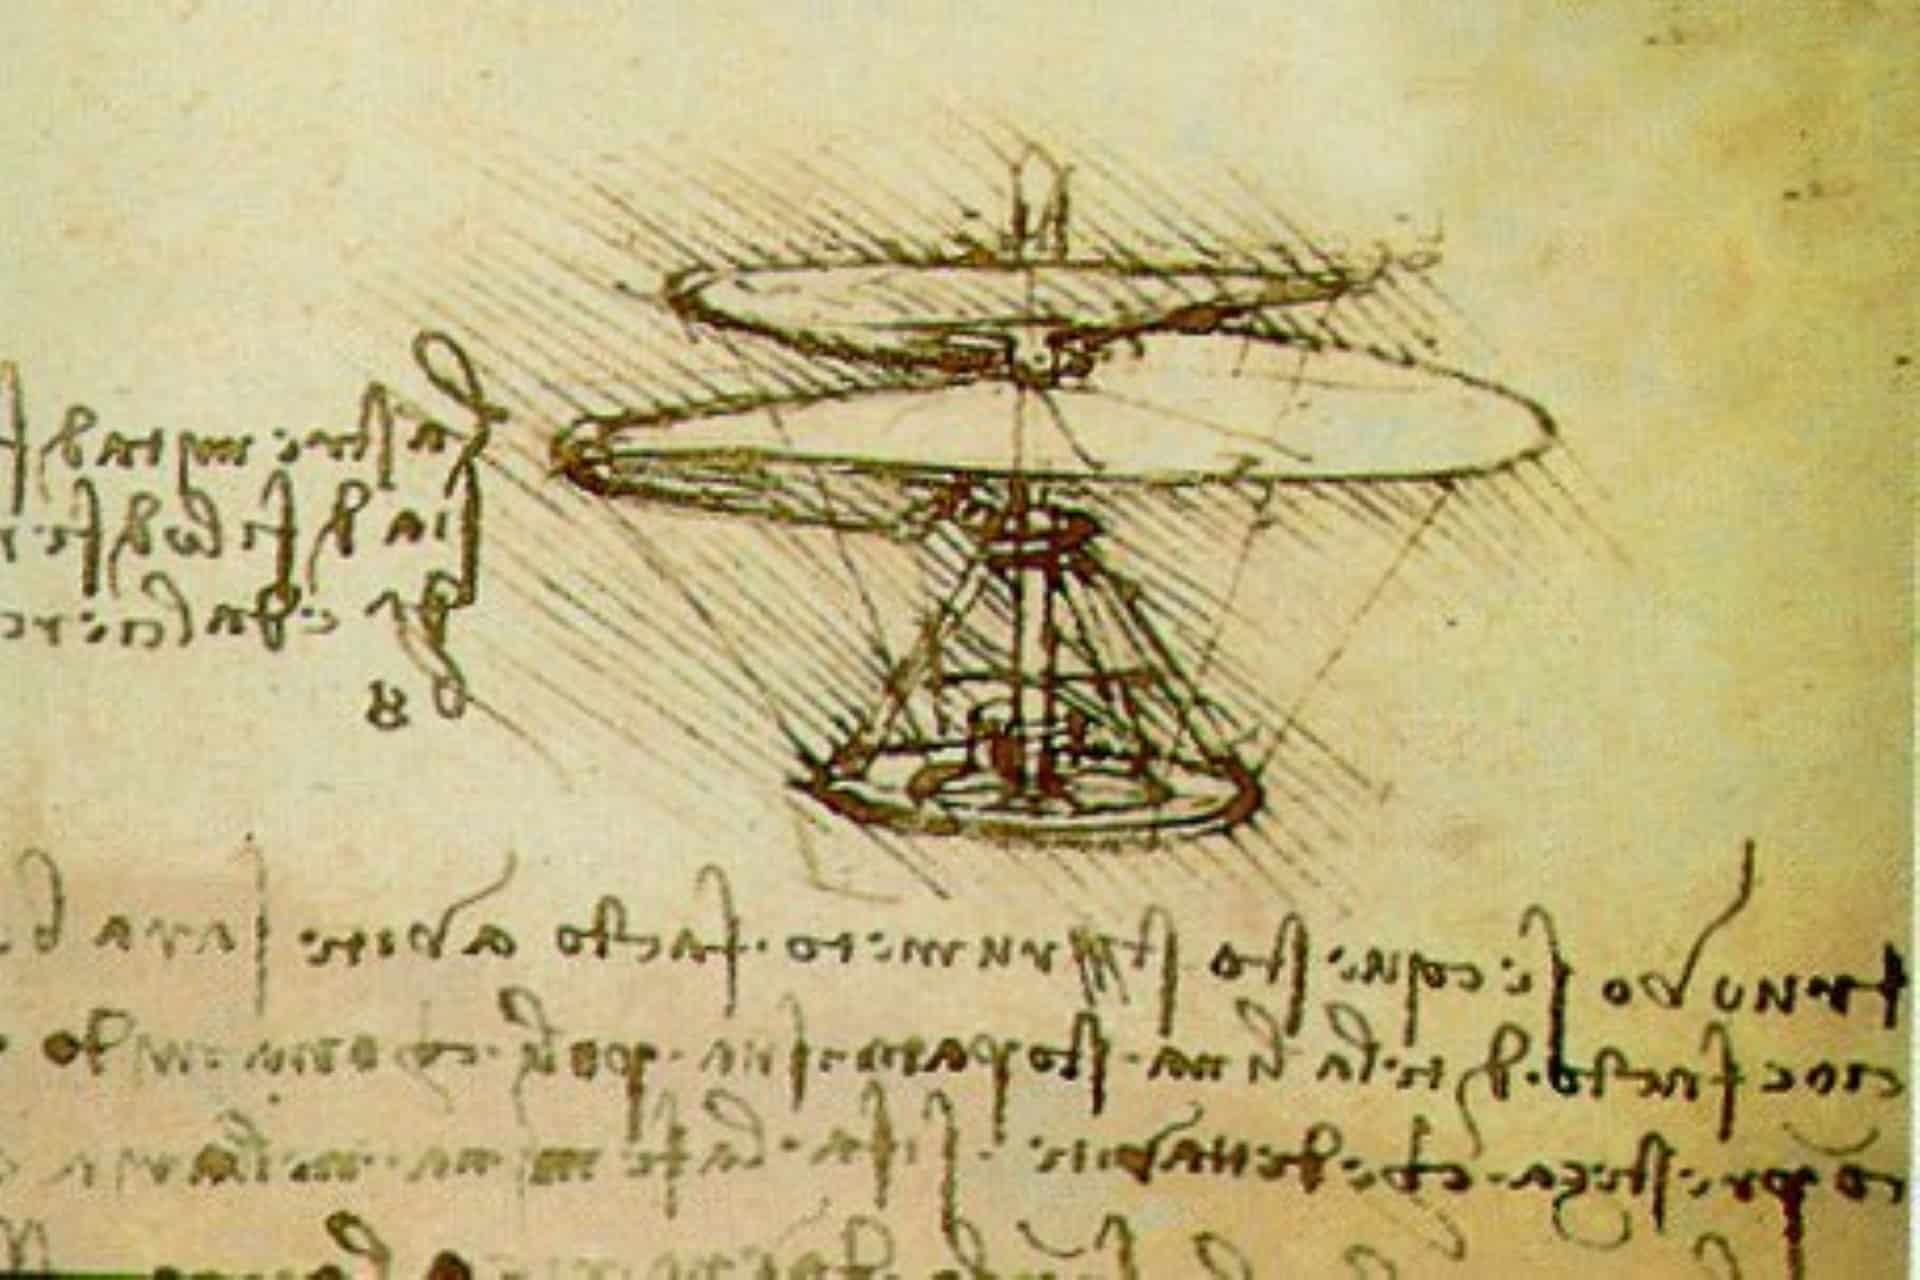 Leonardo da Vinci: Codice Atlantico - Milano Biblioteca Ambrosiana. Progetto di una macchina volante